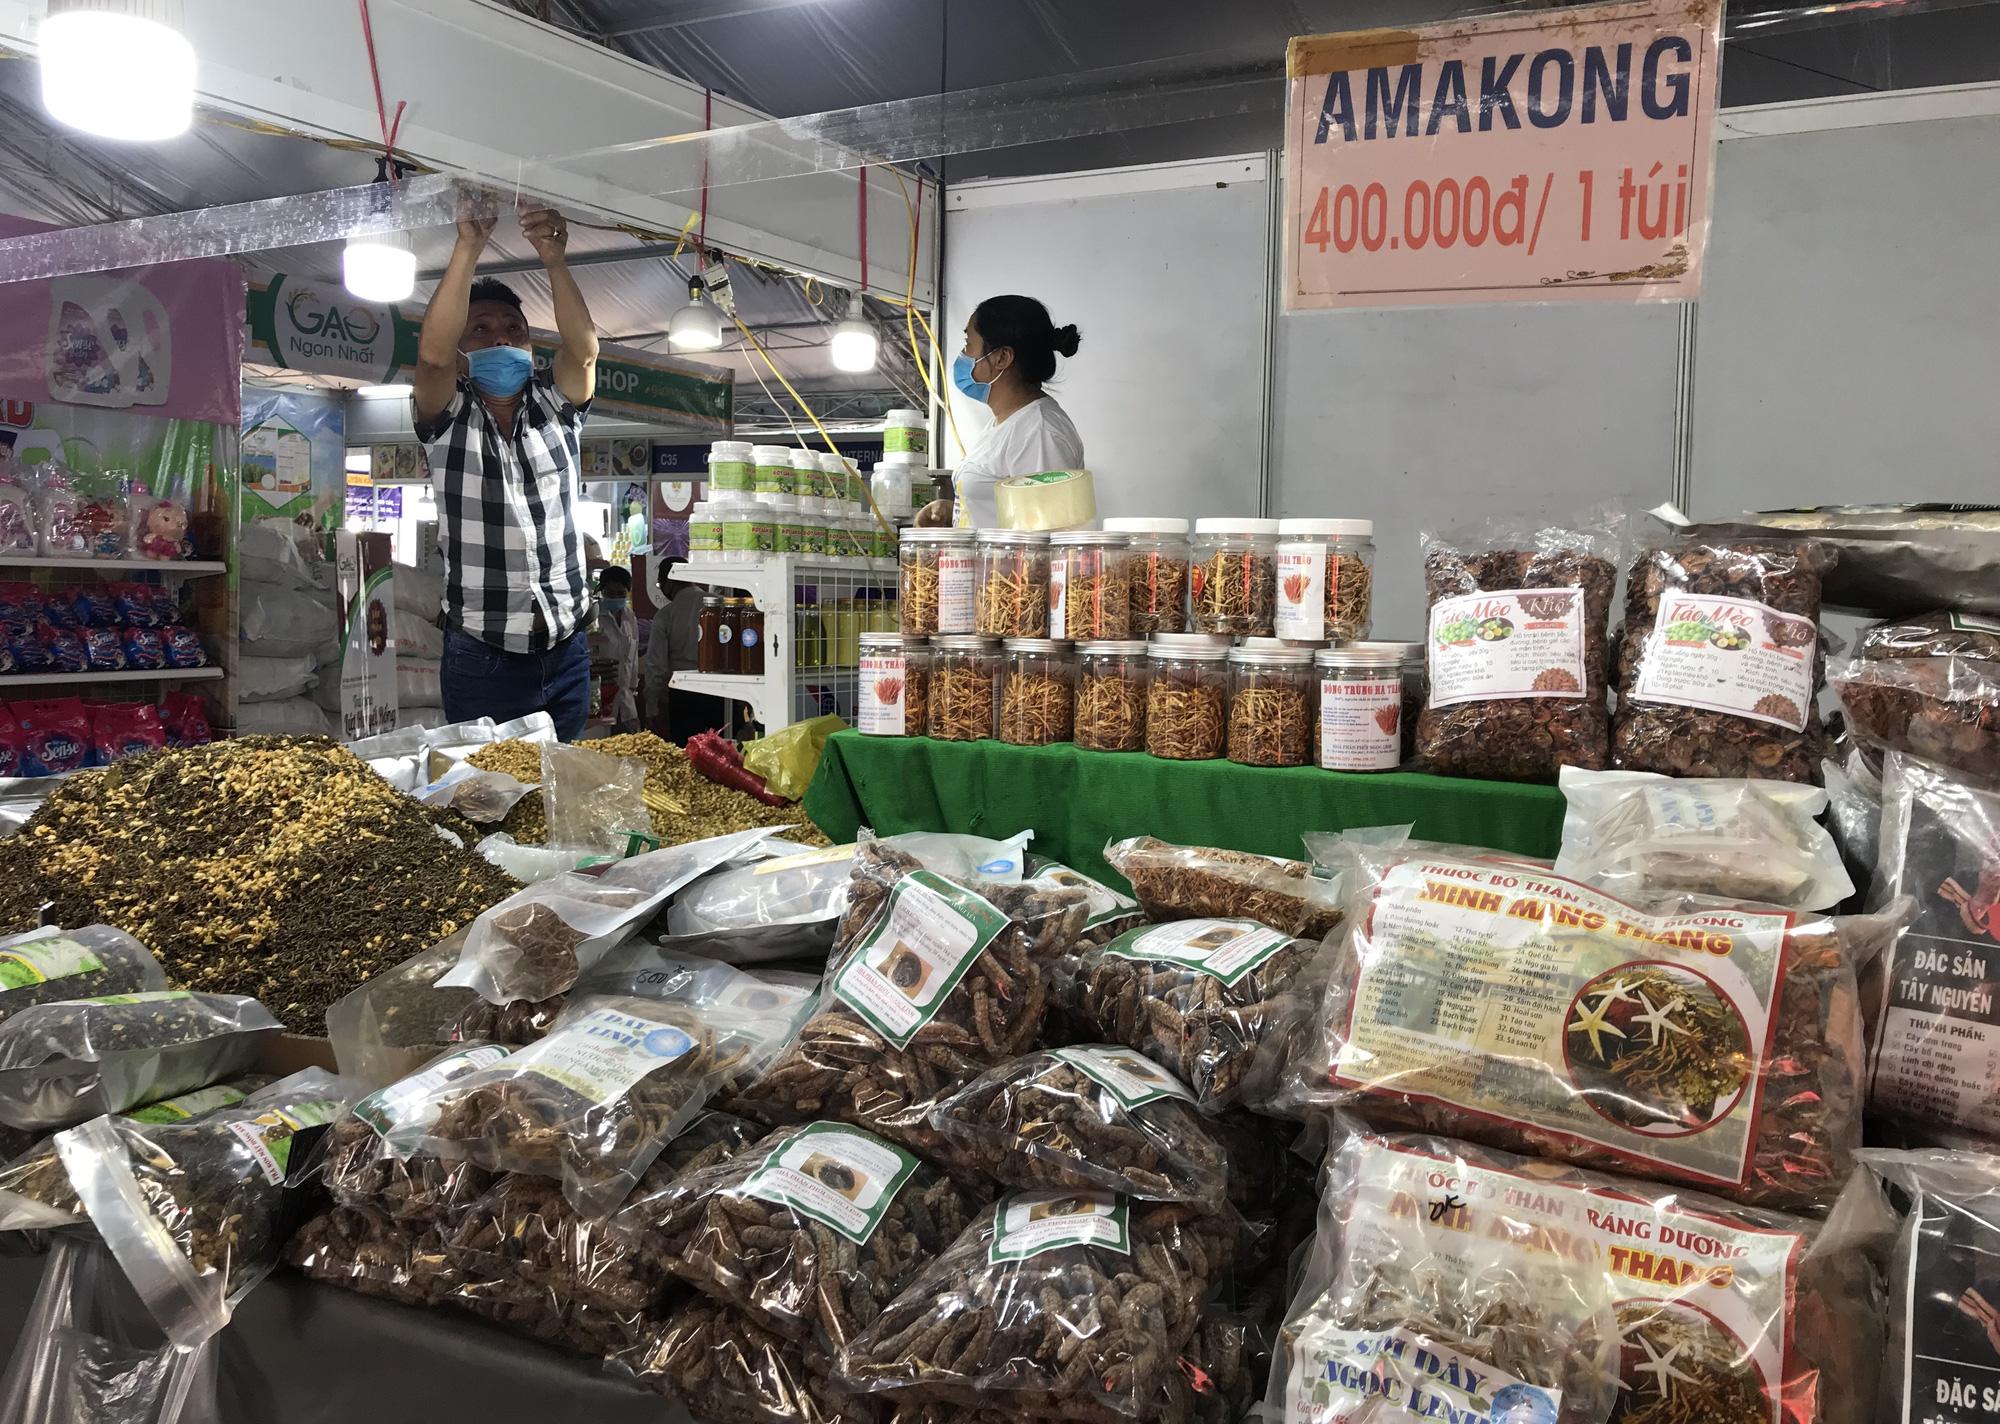 TP.HCM: Hội chợ Tết mở sớm, đặc sản độc lạ 3 miền ùn ùn đổ về - Ảnh 6.